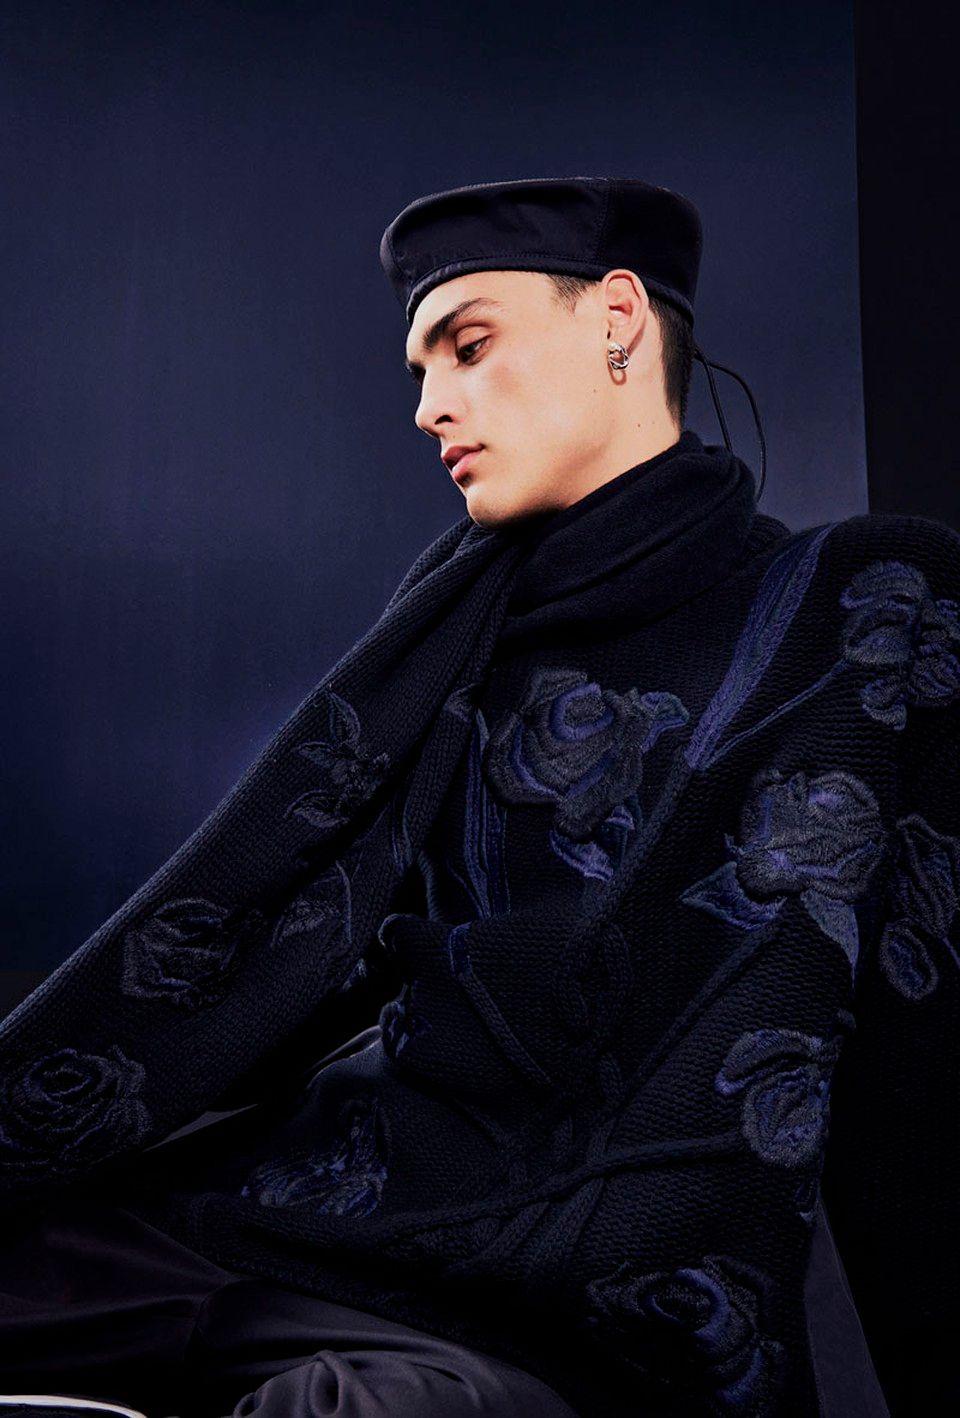 Dior dan sacai akan Rilis Koleksi Kolaborasi Tahun Ini